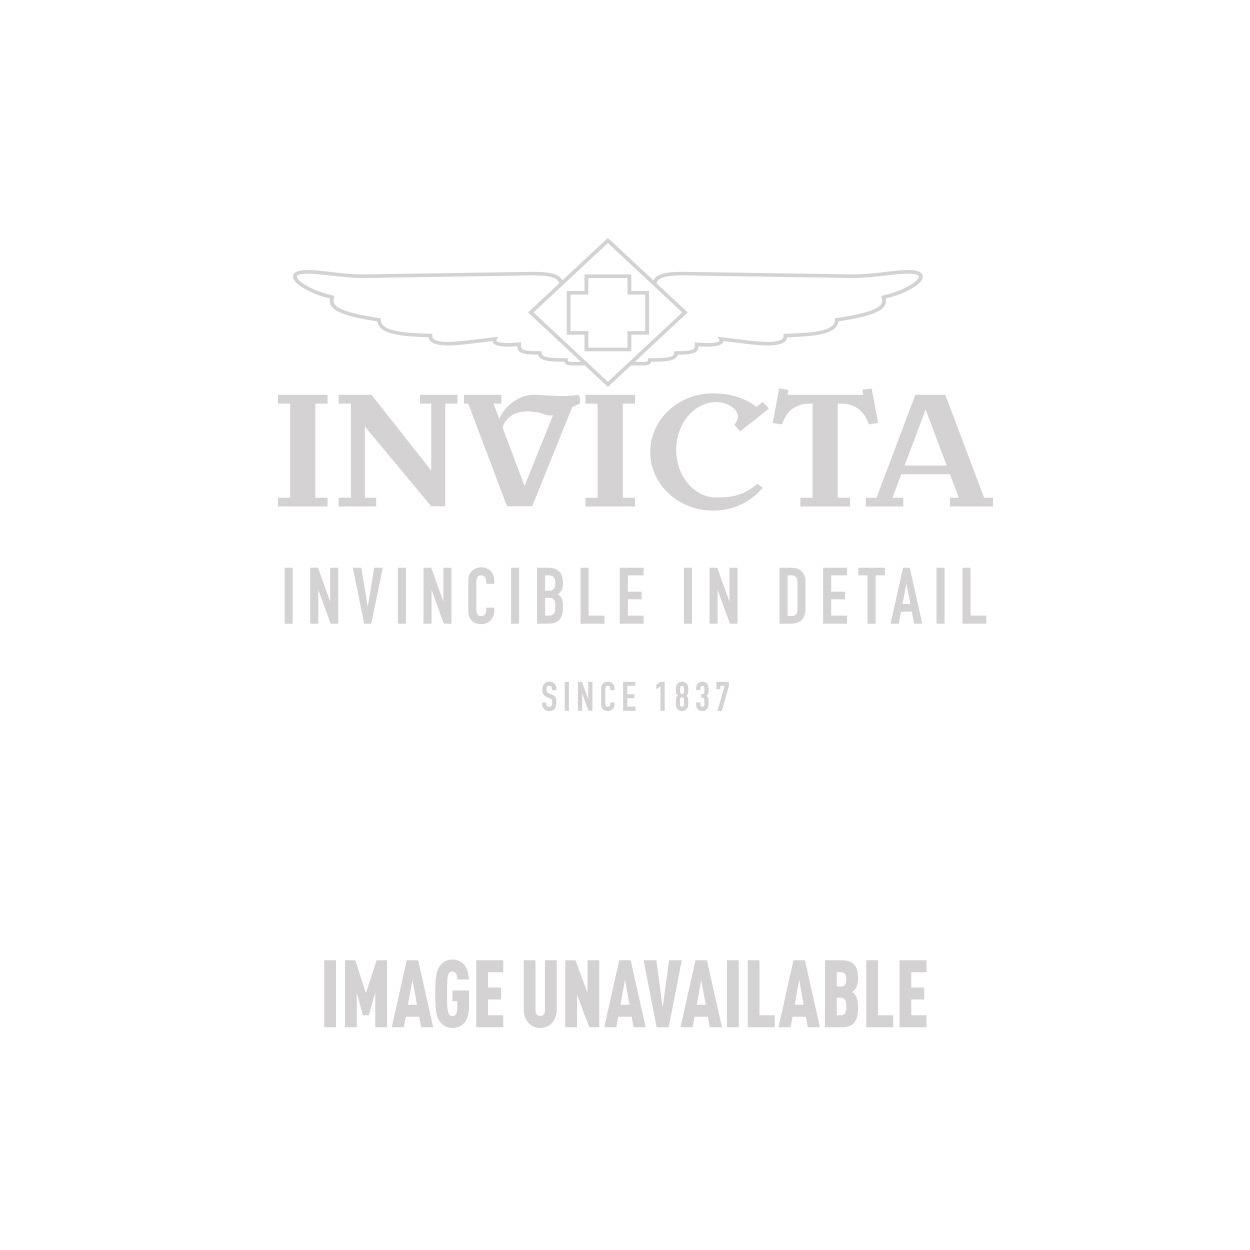 Invicta Model 25011